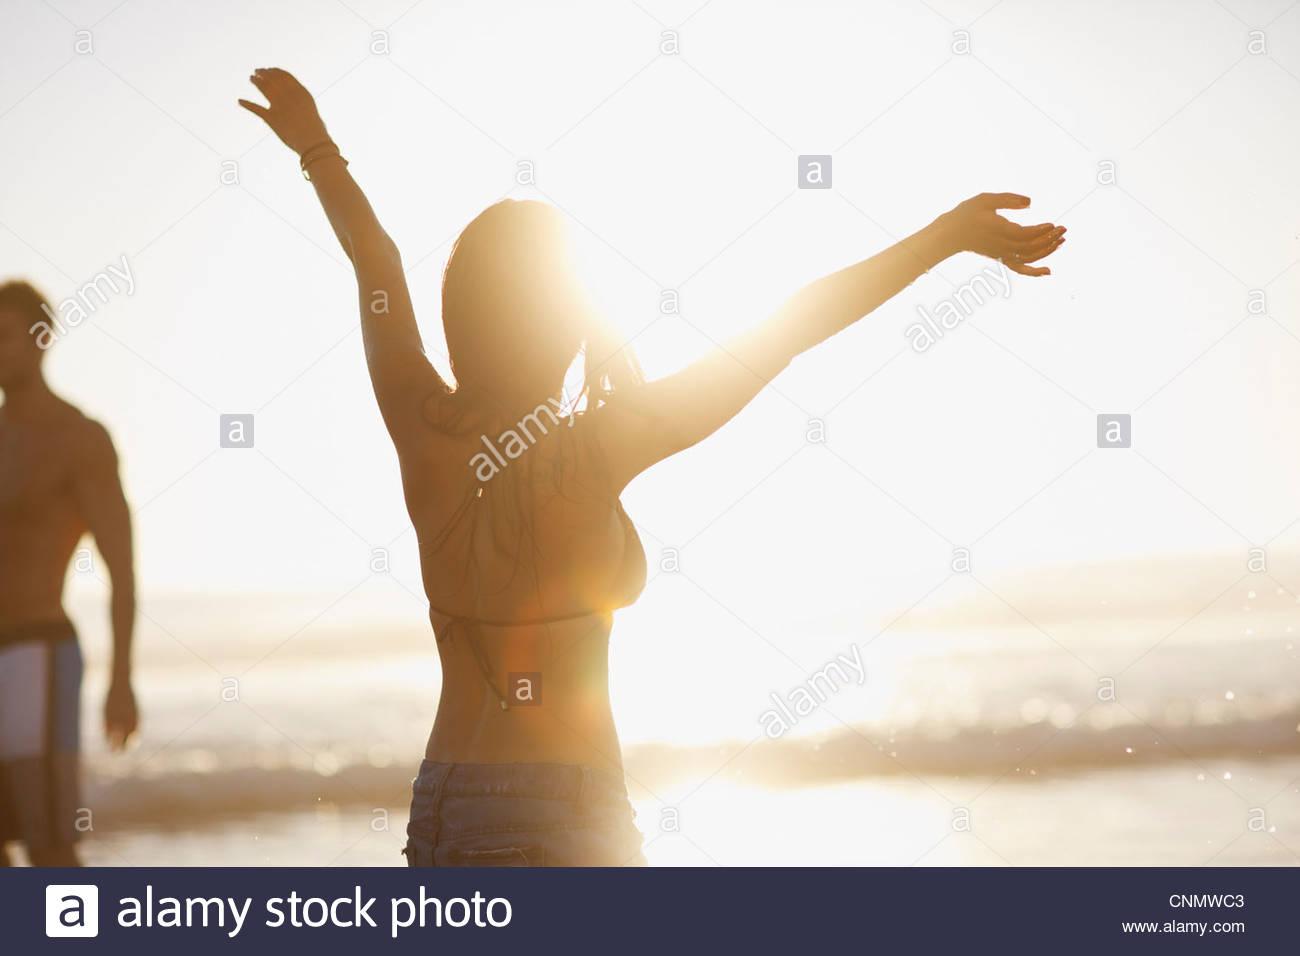 Woman in bikini cheering on beach - Stock Image